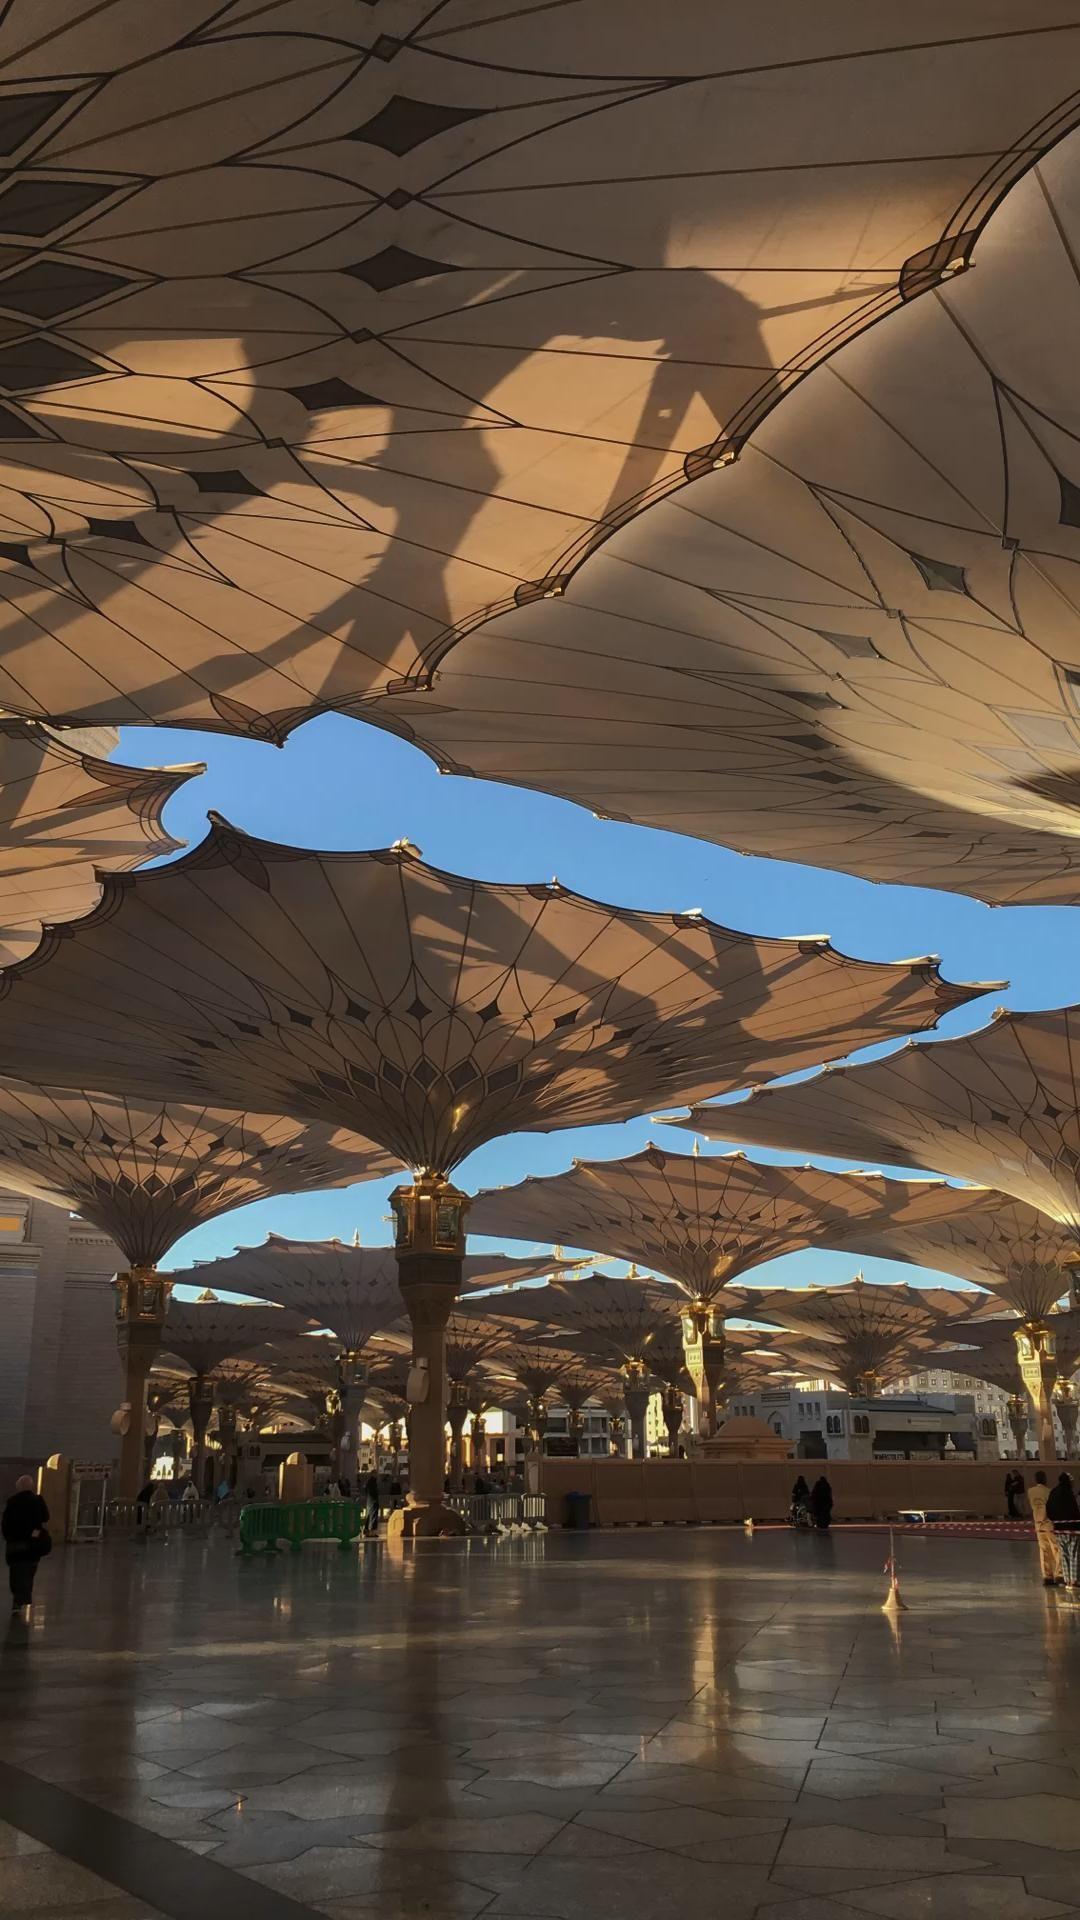 Shots of Makkah and Madinah